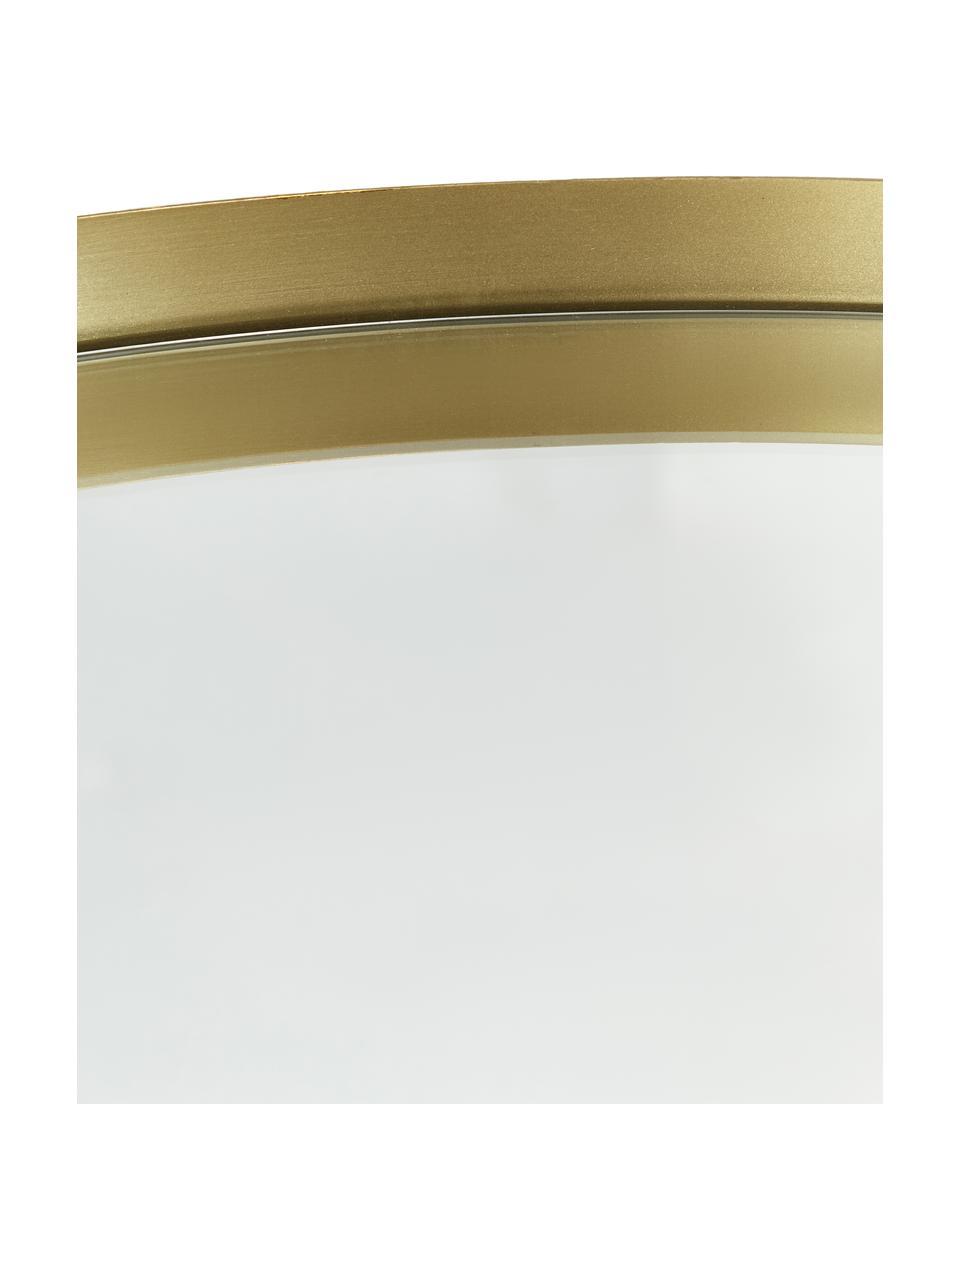 Okrągłe lustro ścienne z metalową ramą Ivy, Odcienie mosiądzu, Ø 72 x G 3 cm